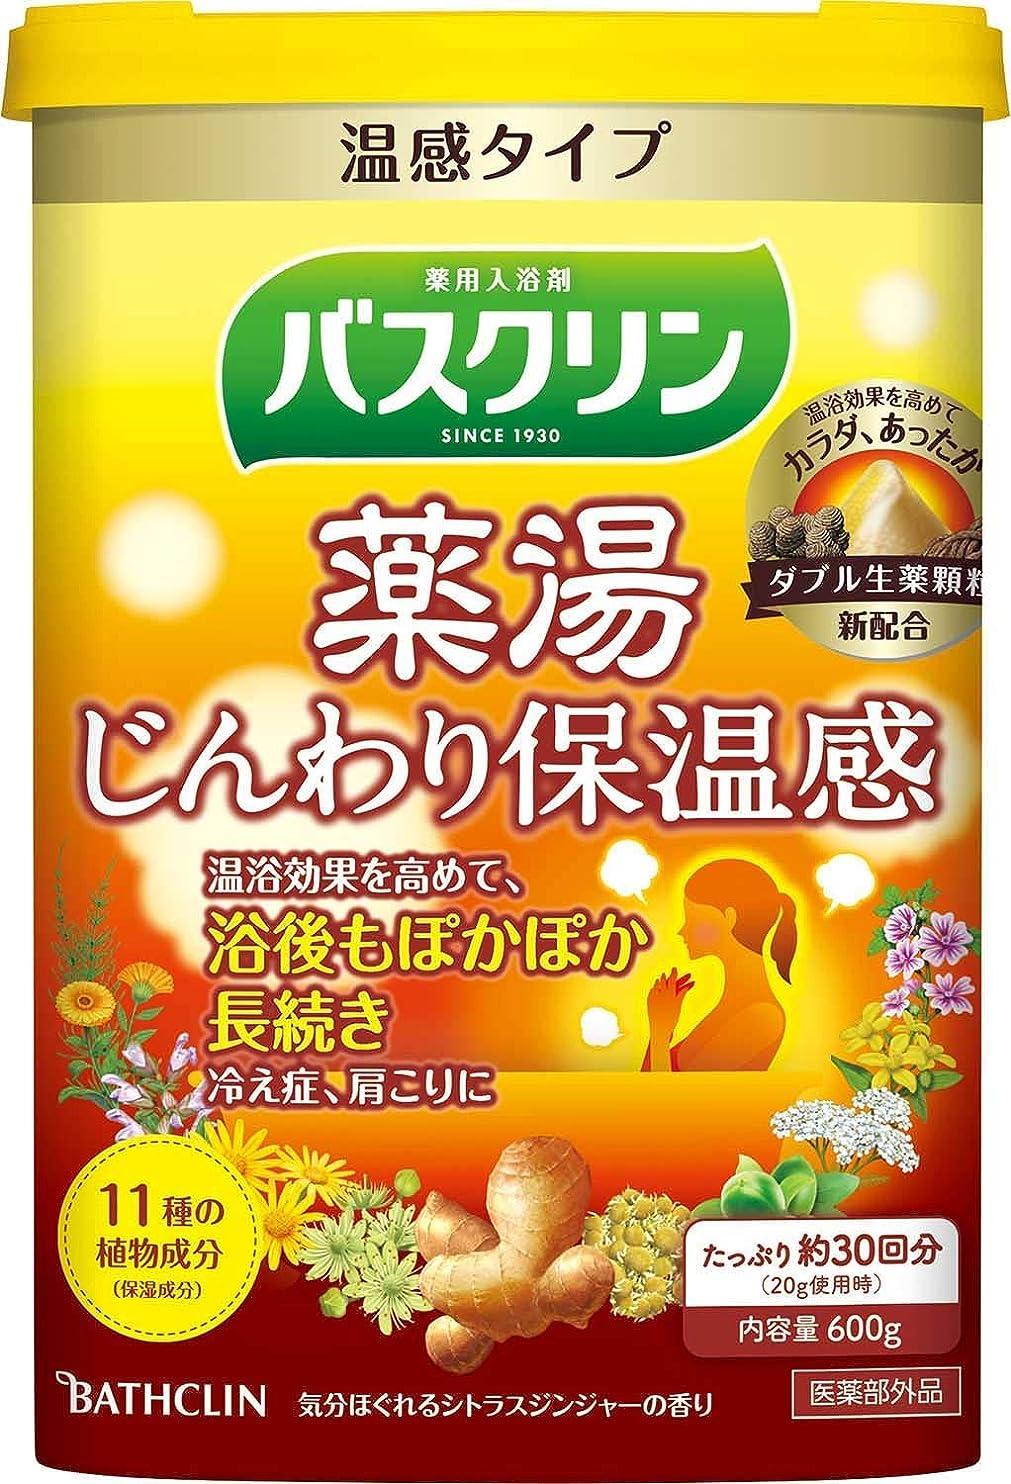 早いもつれ議題【医薬部外品】バスクリン薬湯じんわり保温感600g入浴剤(約30回分)